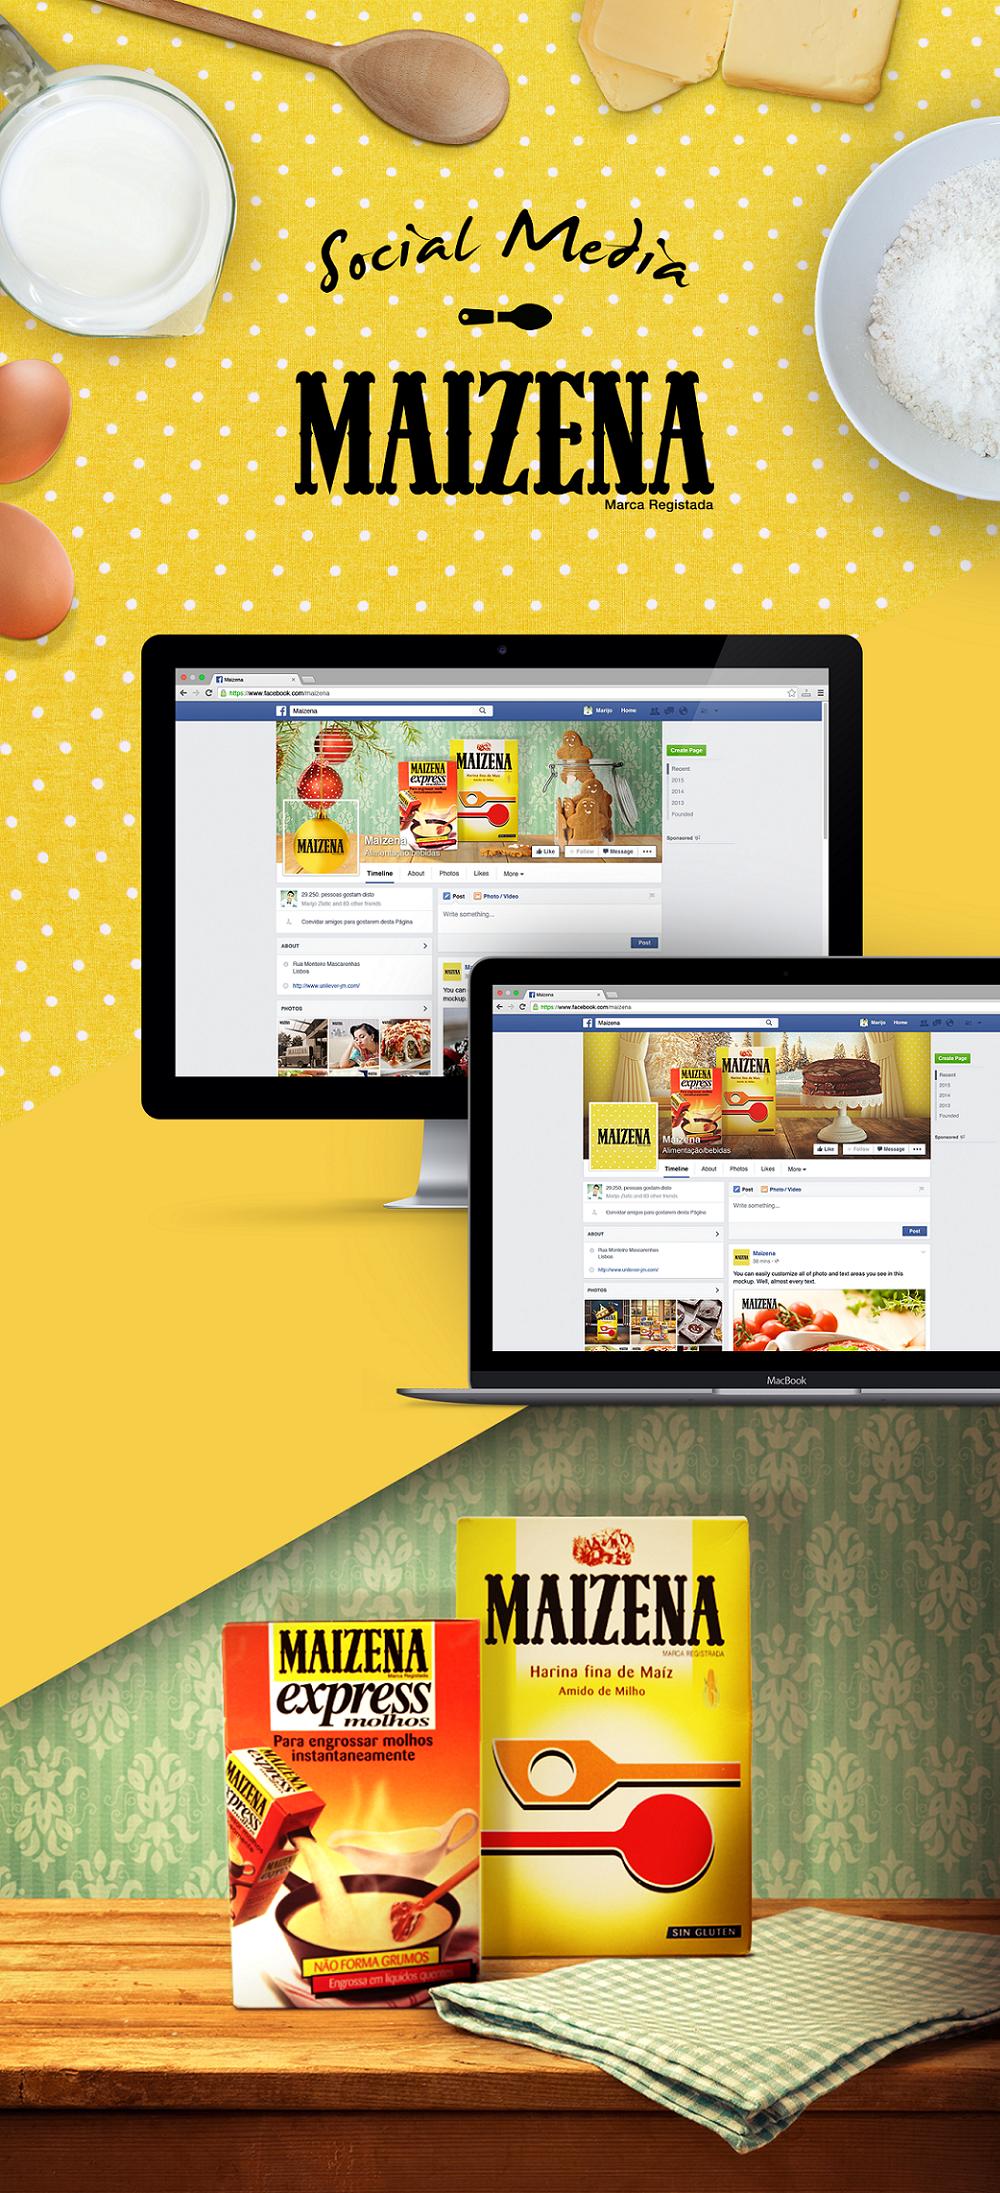 markalar için sosyal medya pazarlaması